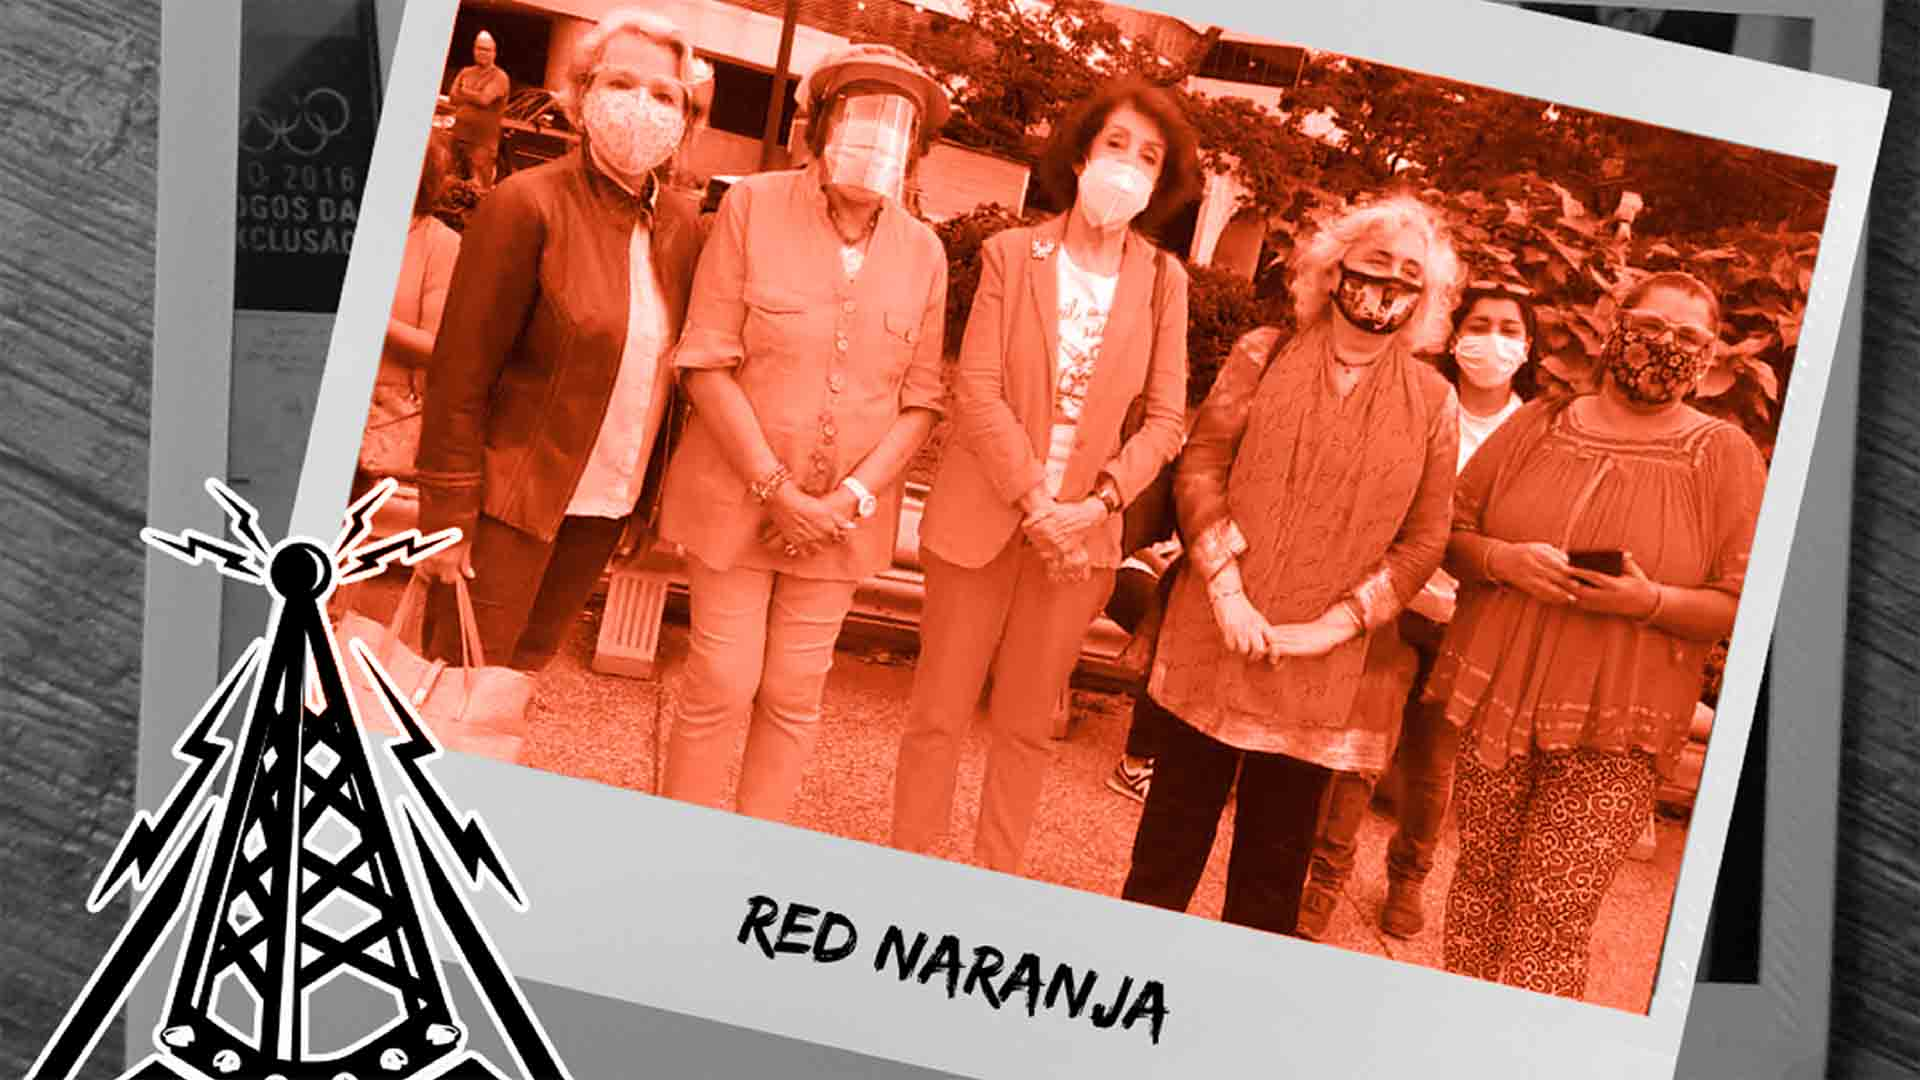 Humano Derecho #179 con Ofelia Álvarez y Jany Joplin González, de Red Naranja